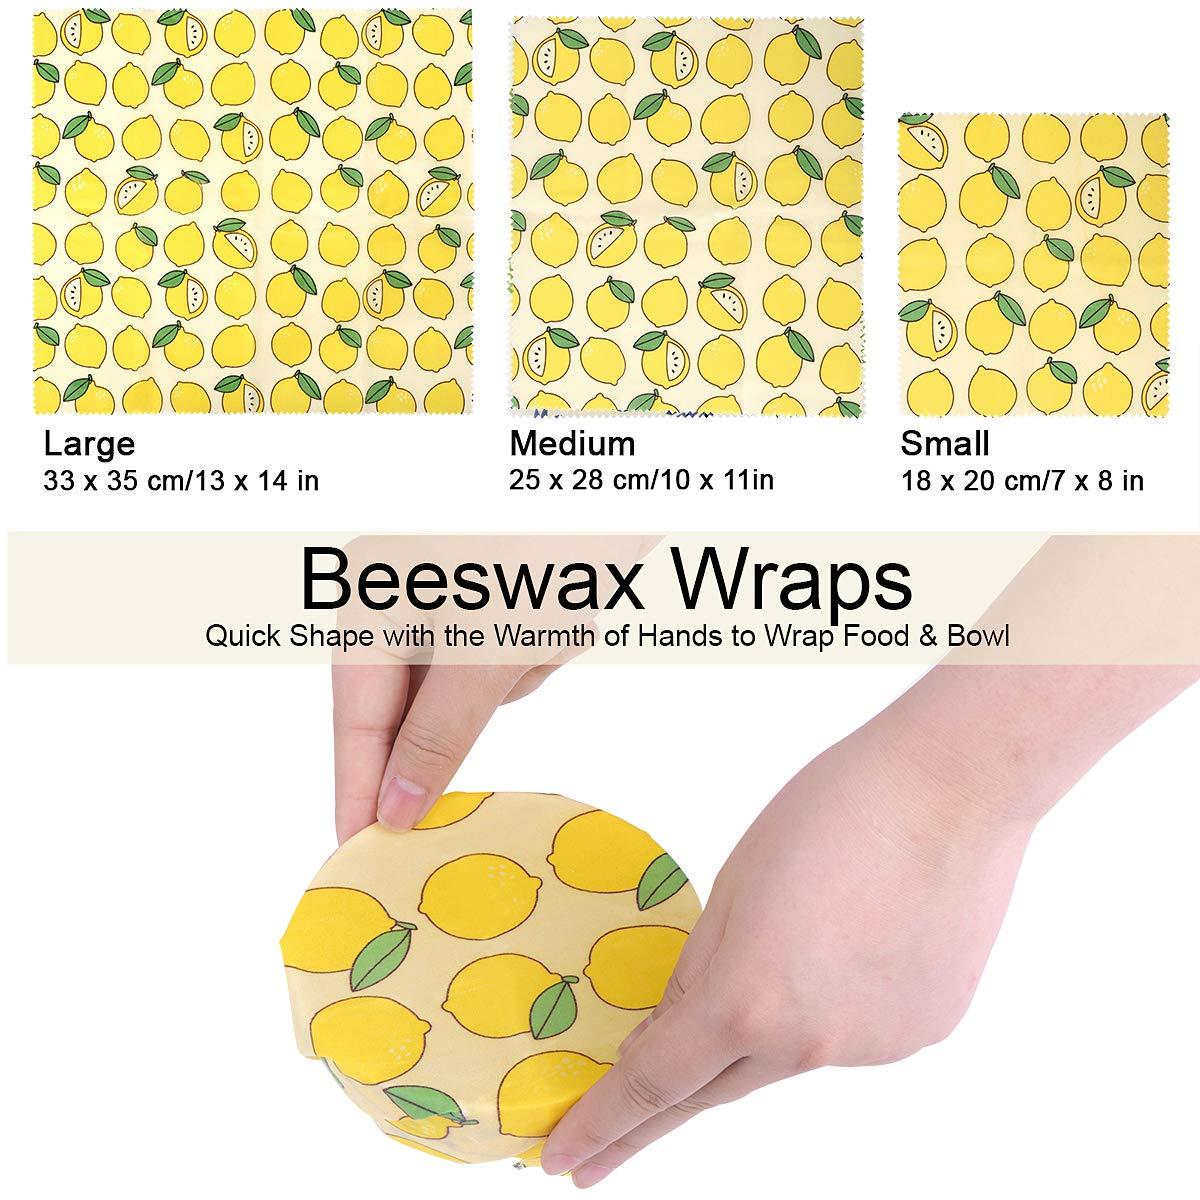 Bee Wrap Set di 3 Involucri Riutilizzabili Per Alimenti E Pacchetto Da Pranzo Non Realizzati In Plastica Per Sandwich Coperchi Lavabili Per Ciotole Involucri In Cera Dapi Riutilizzabili Limone